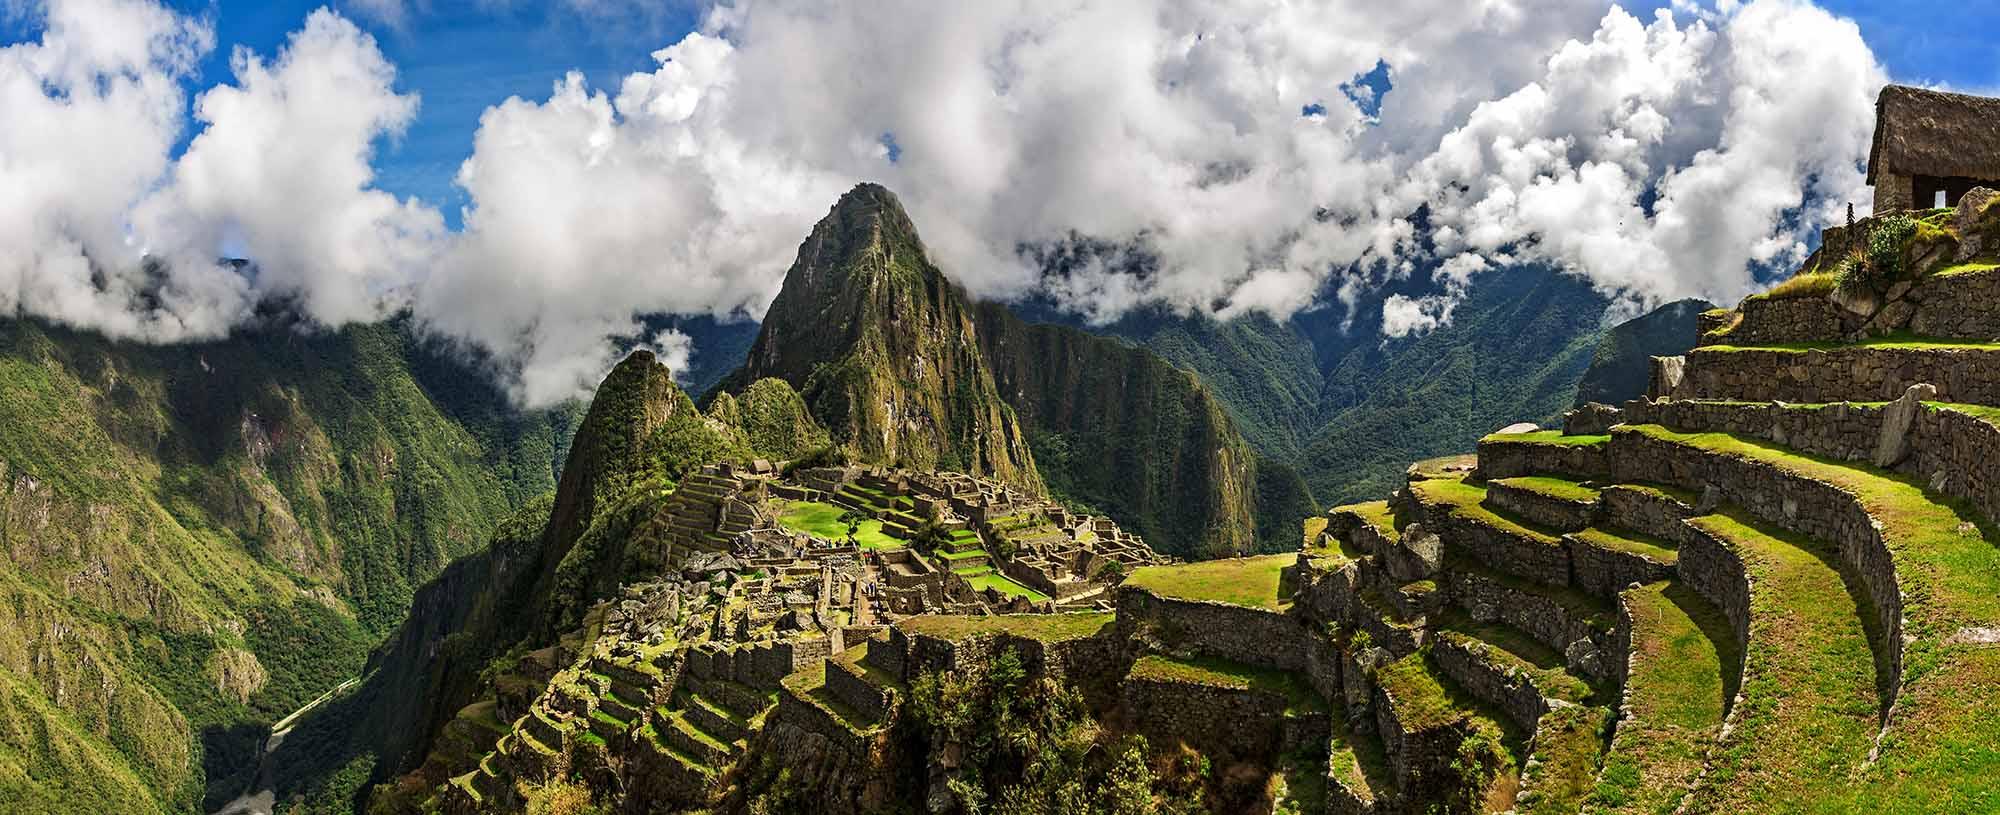 Le Matchu Pitchu lors d'un voyage au Pérou avec Samsara